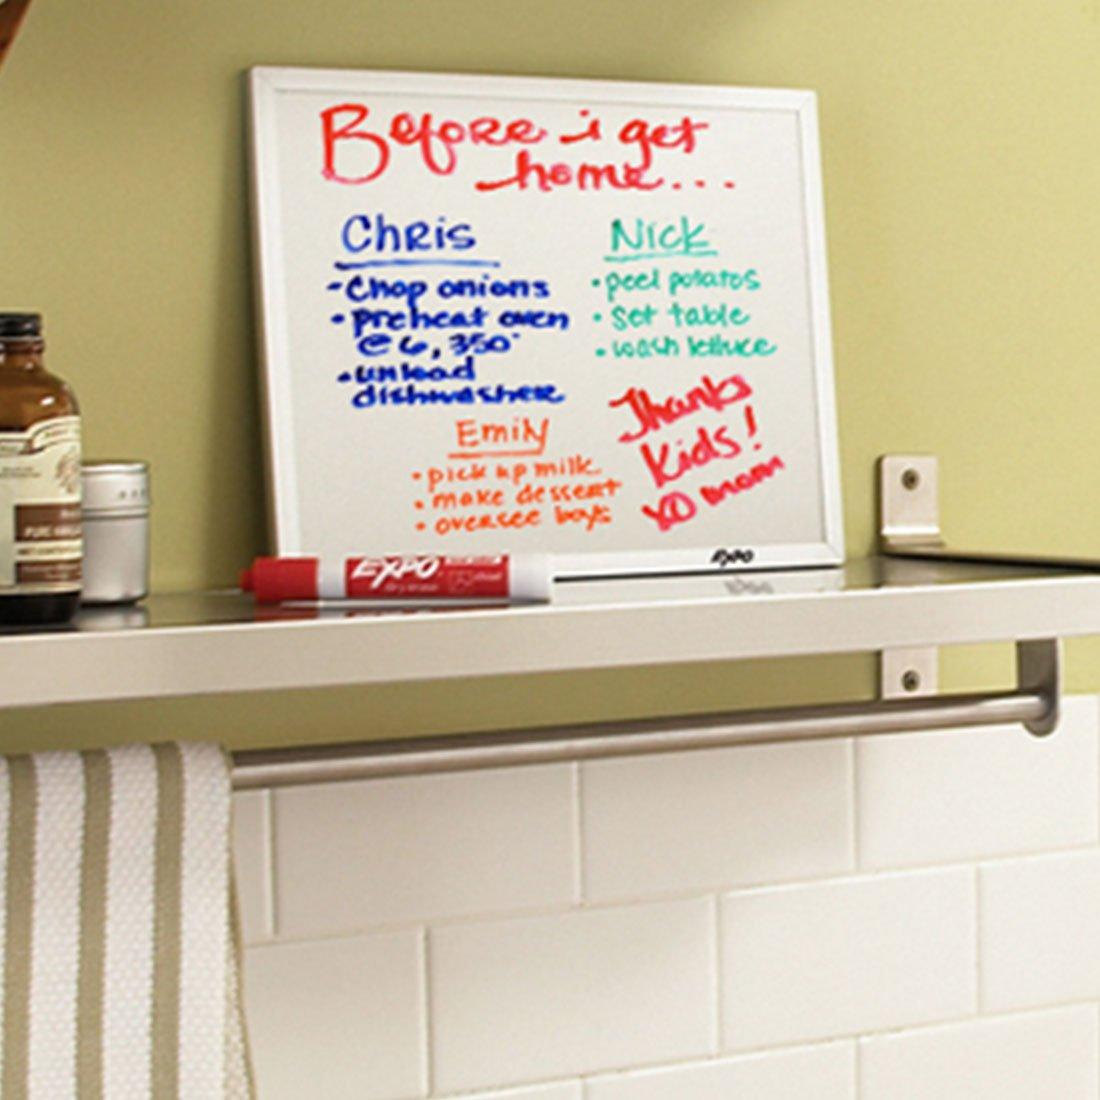 chore-list-written-on-whiteboard-on-shelf.jpg